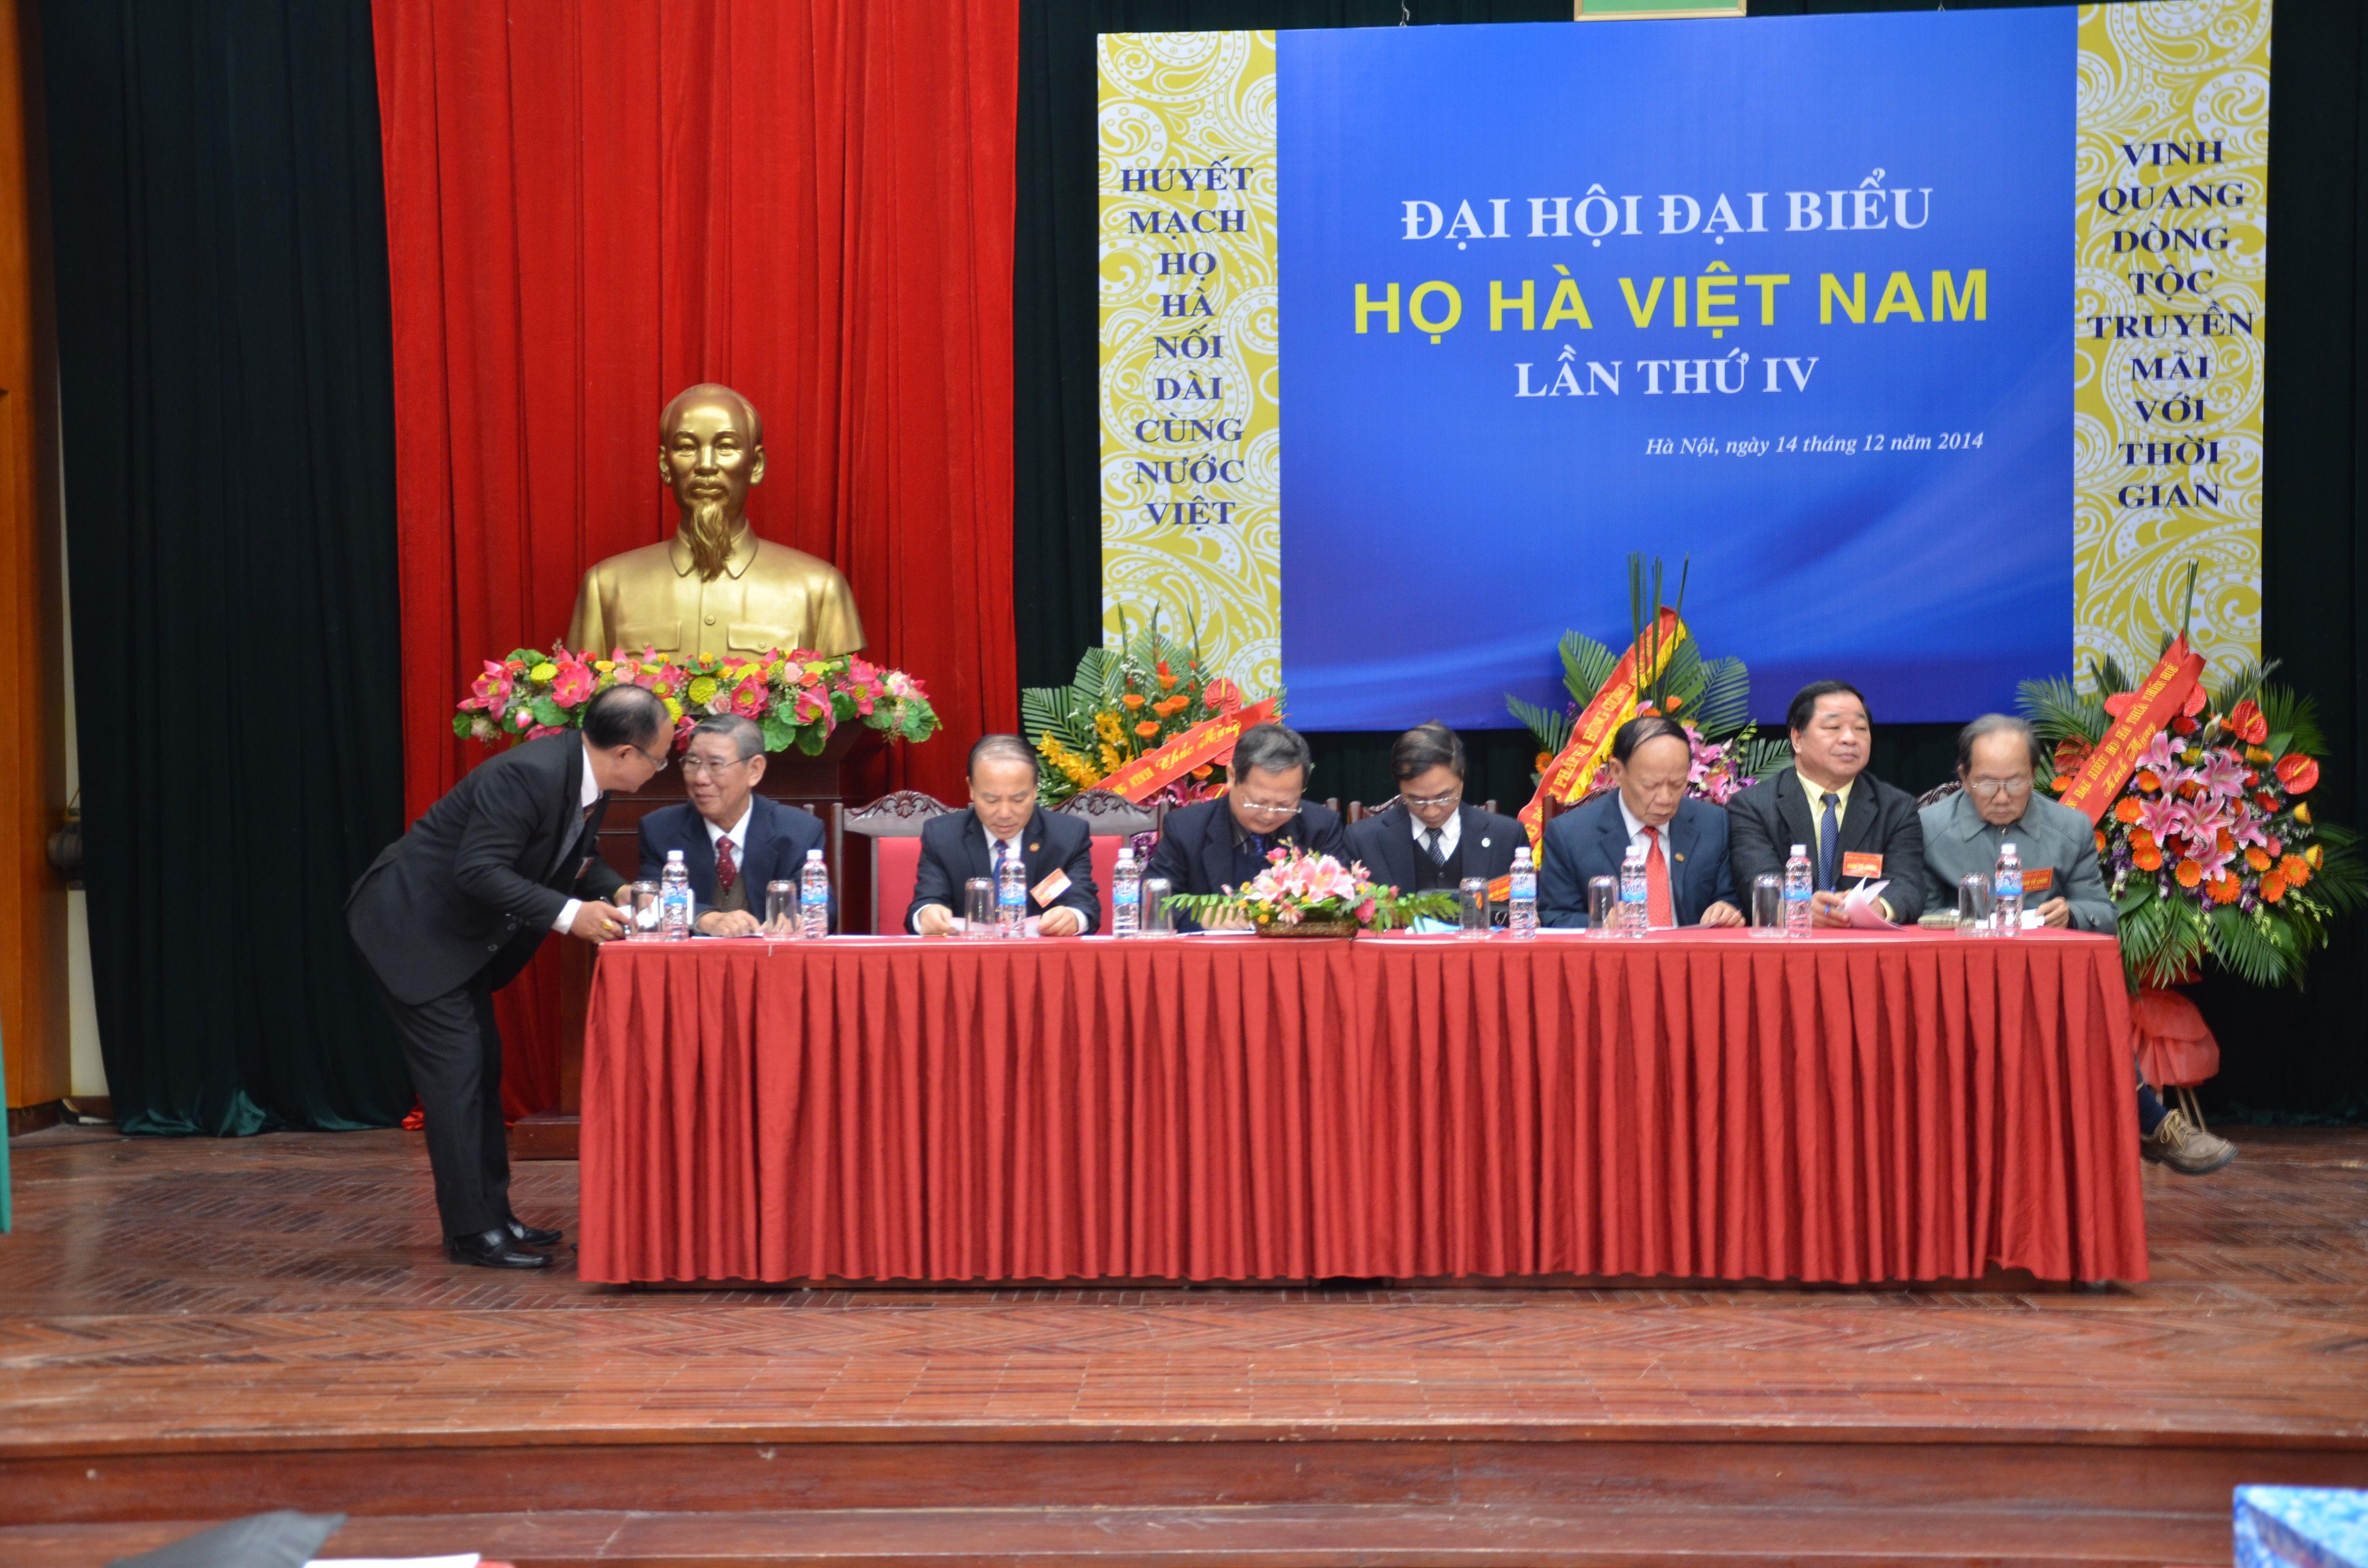 Đoàn chủ tịch chủ trì đại hội